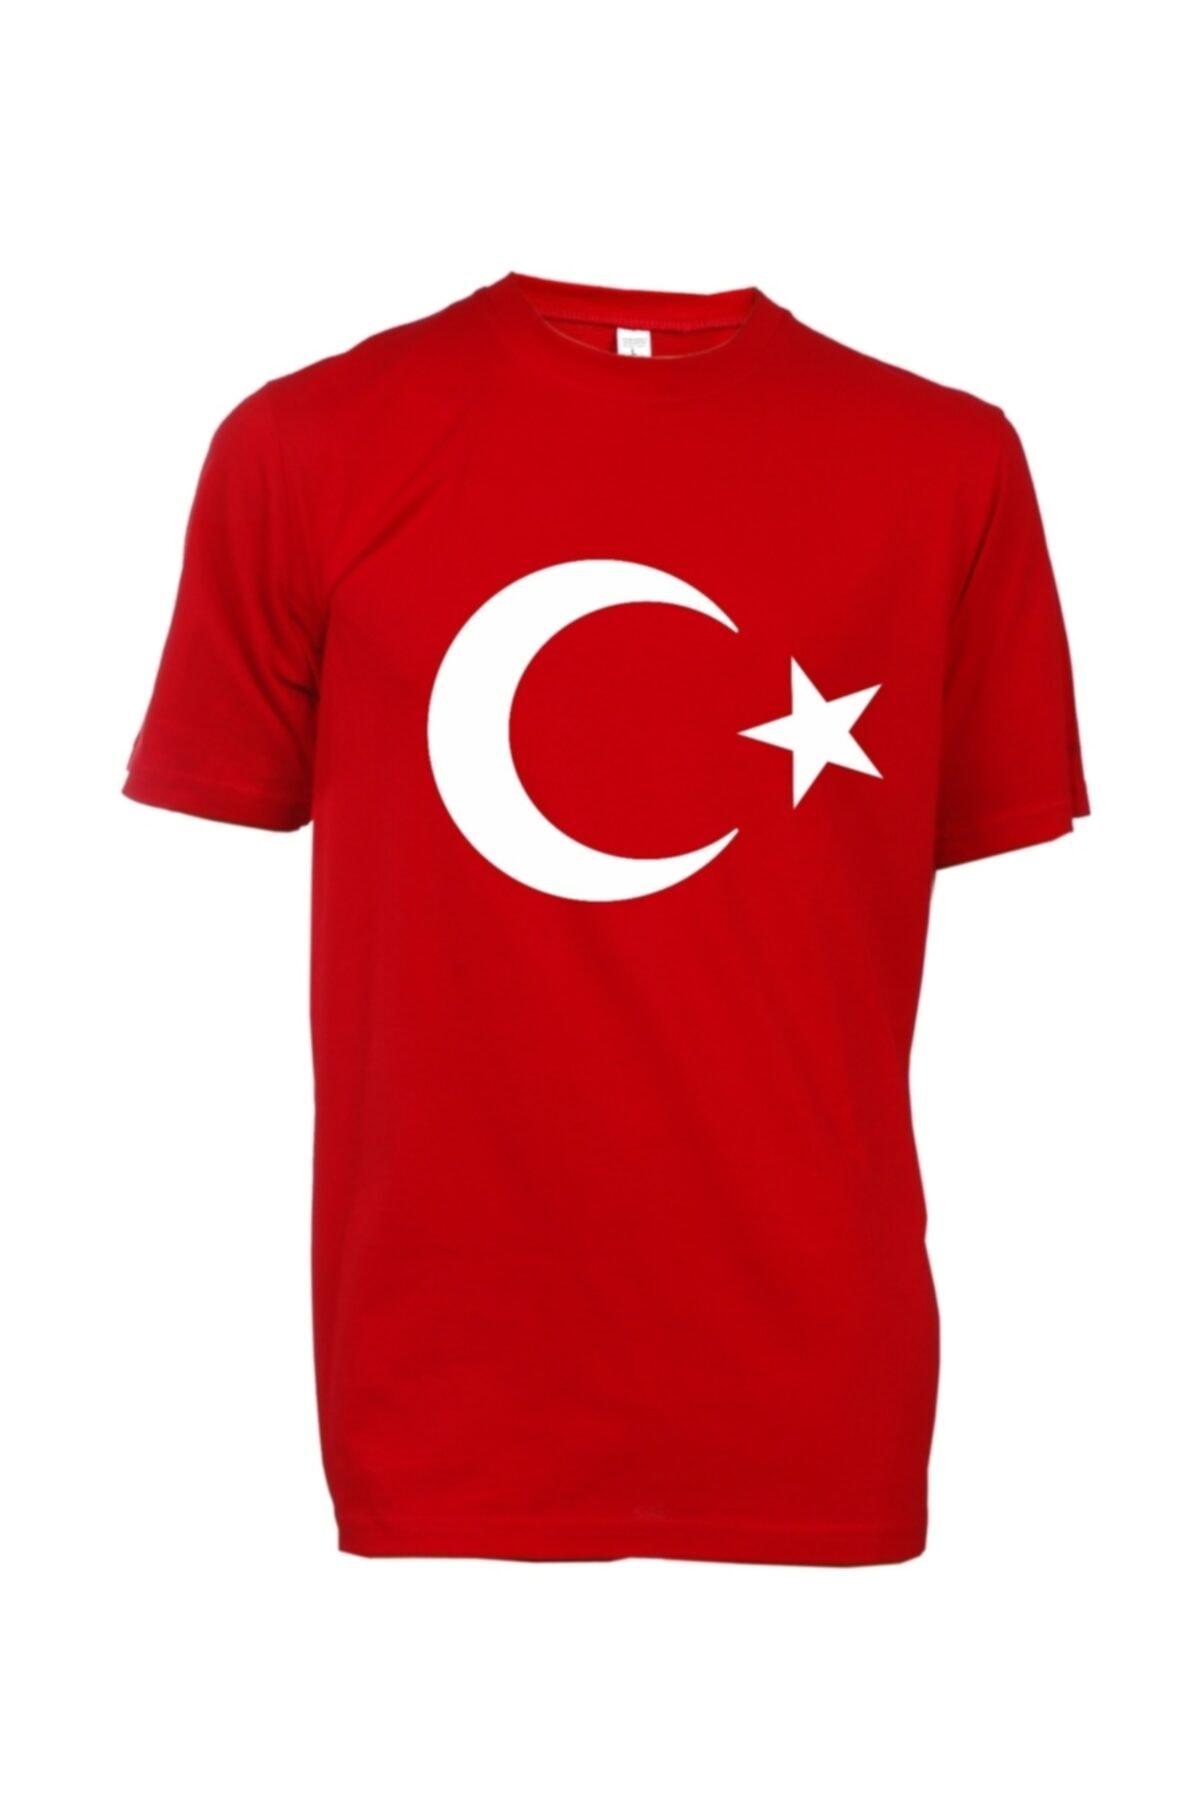 KOSTÜM ATÖLYESİ Ay Yıldızlı Türk Bayraklı Unisex T-shirt 1